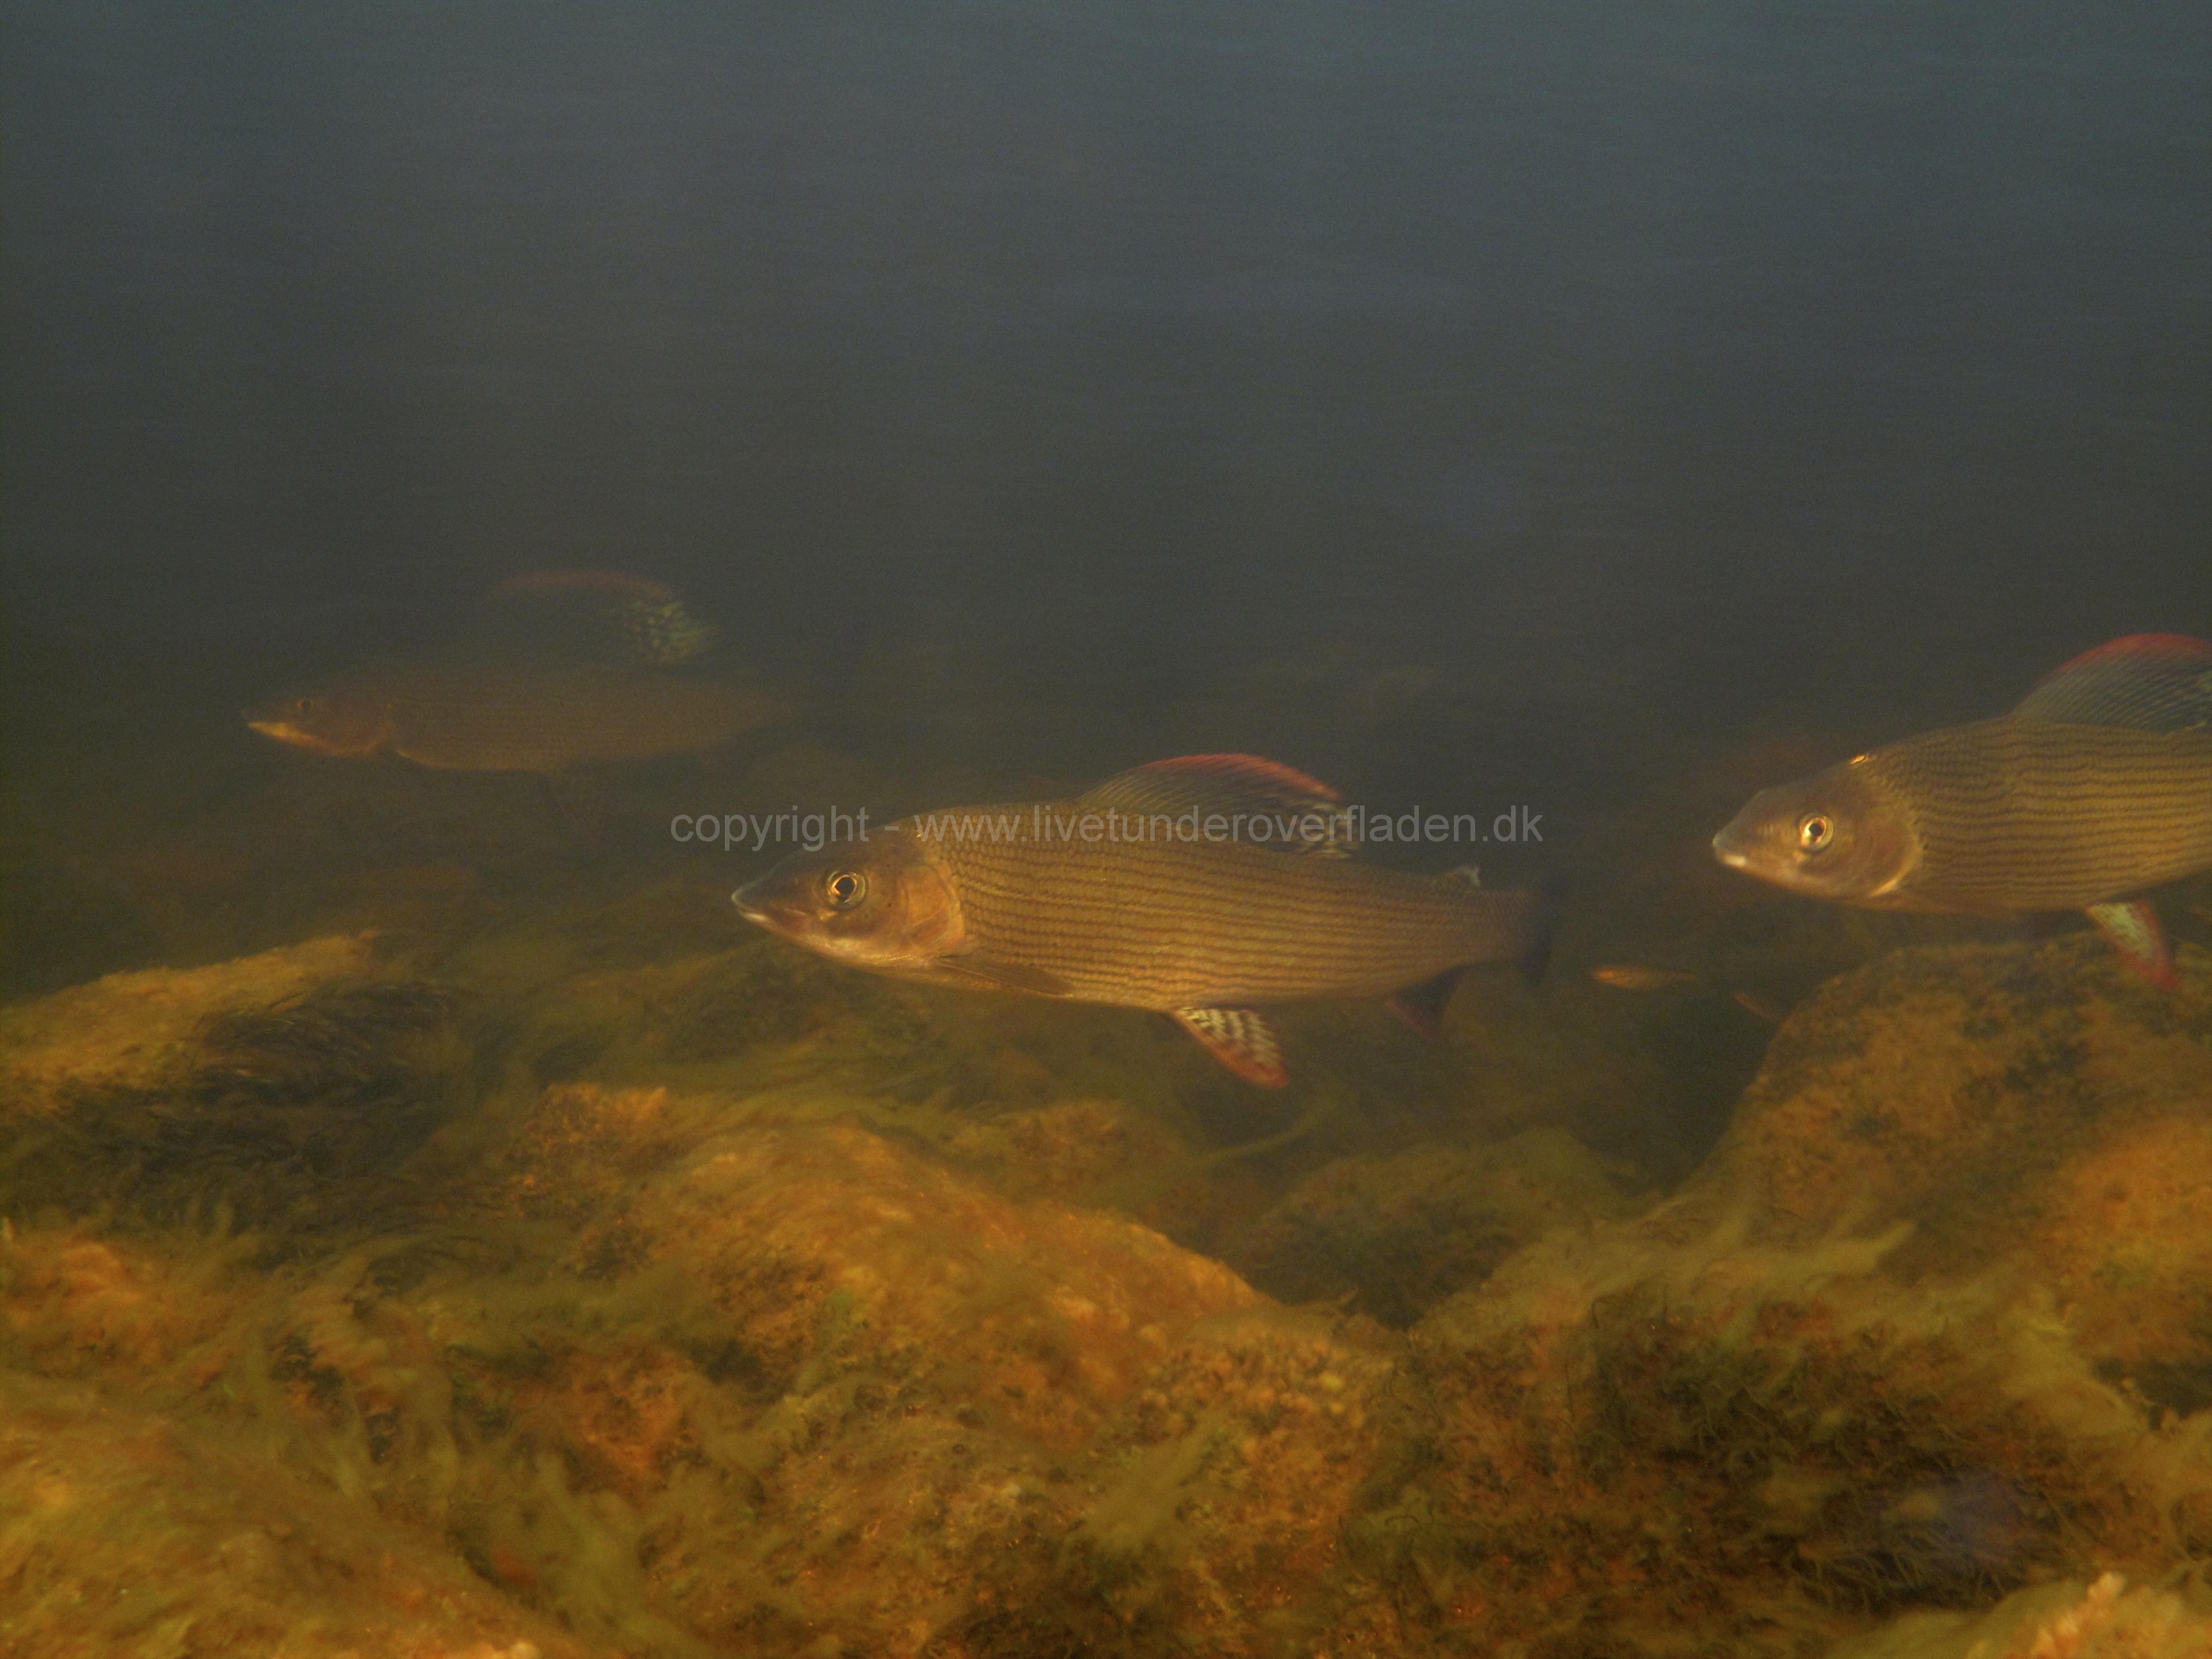 Freshwater habitat_Martin_Kielland 14